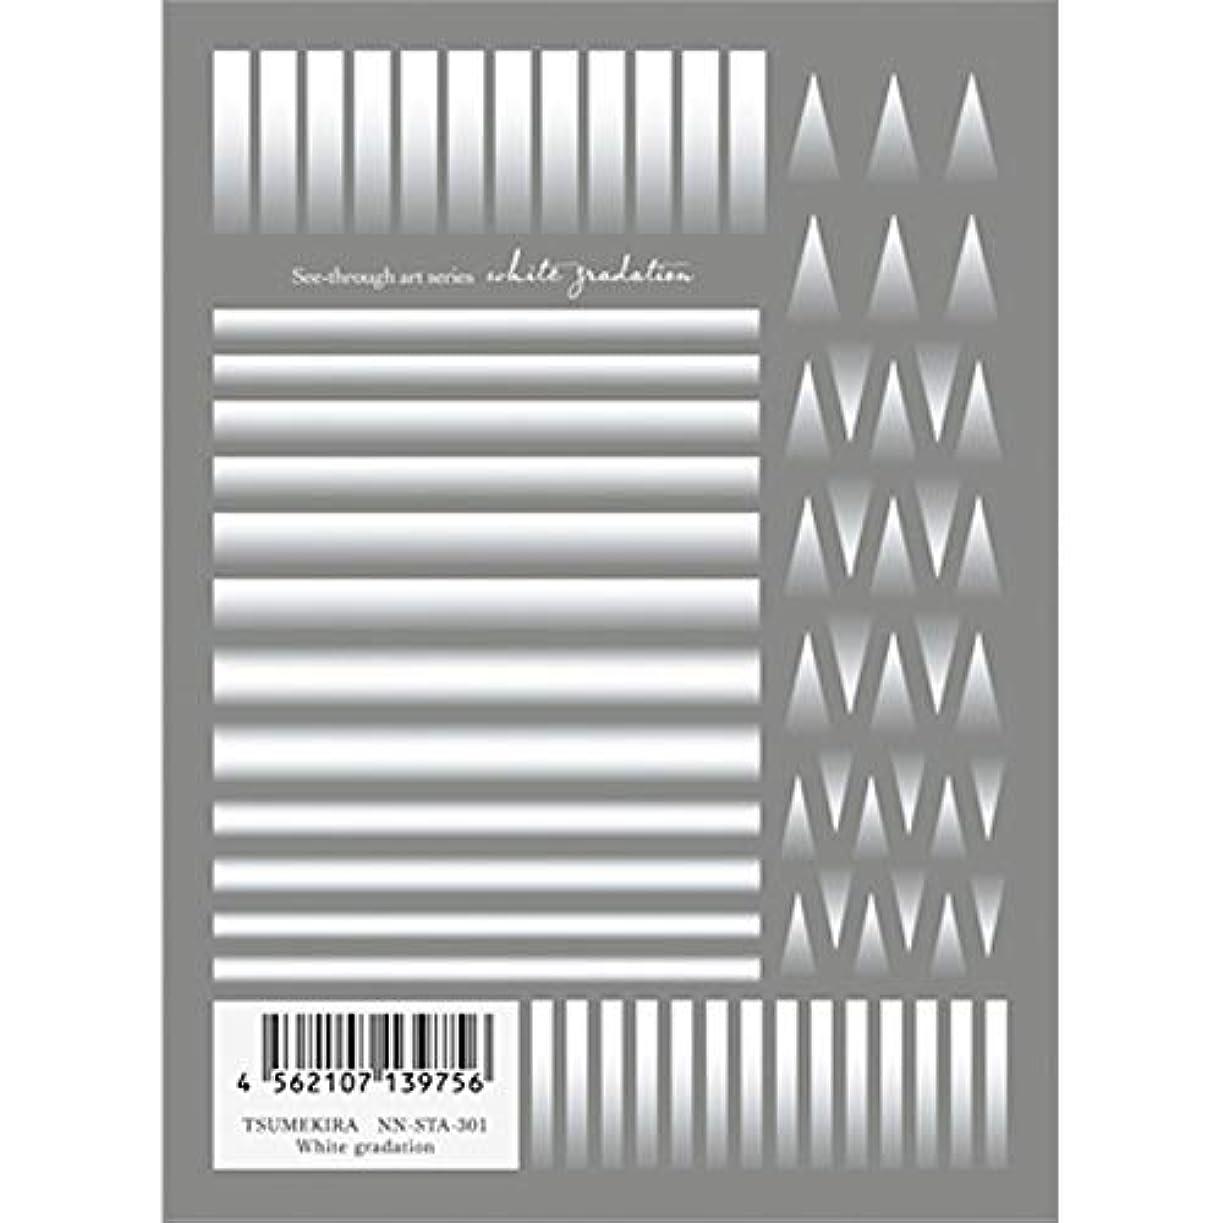 ツメキラ(TSUMEKIRA) ネイル用シール White gradation NN-STA-301